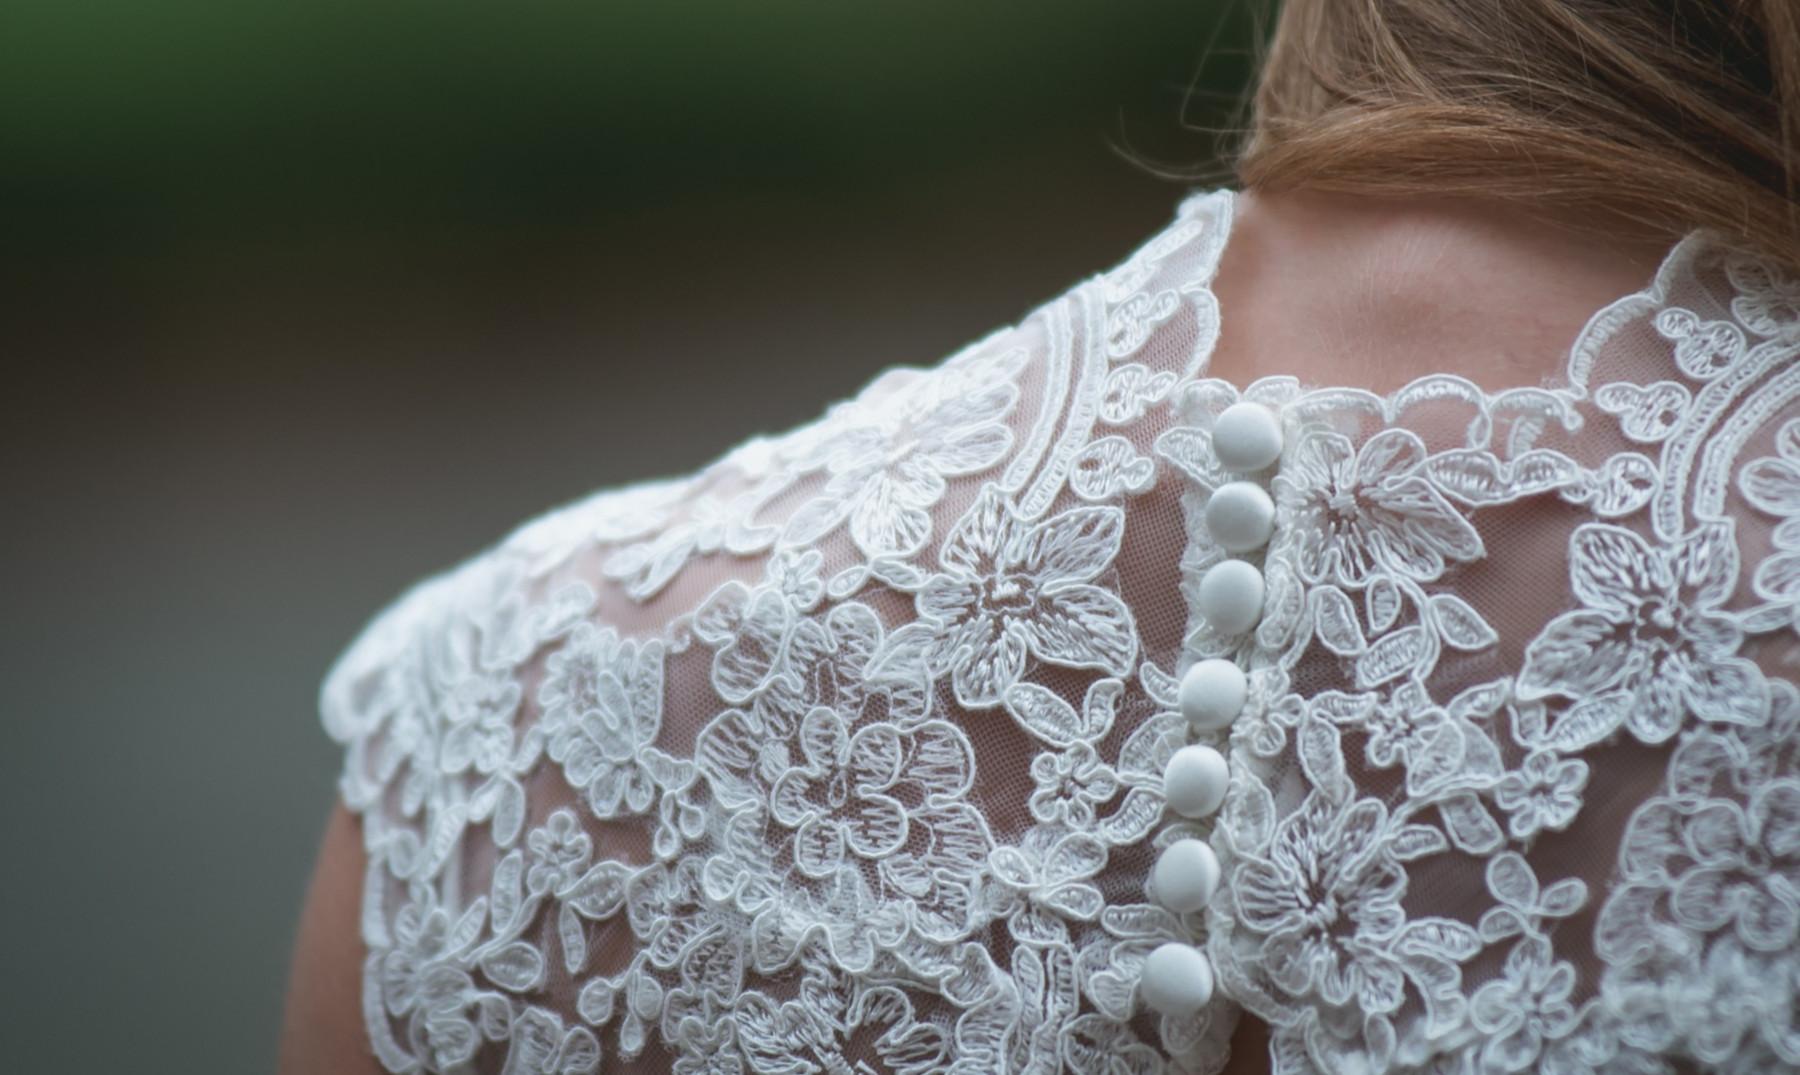 Significado de sonar con vestido blanco